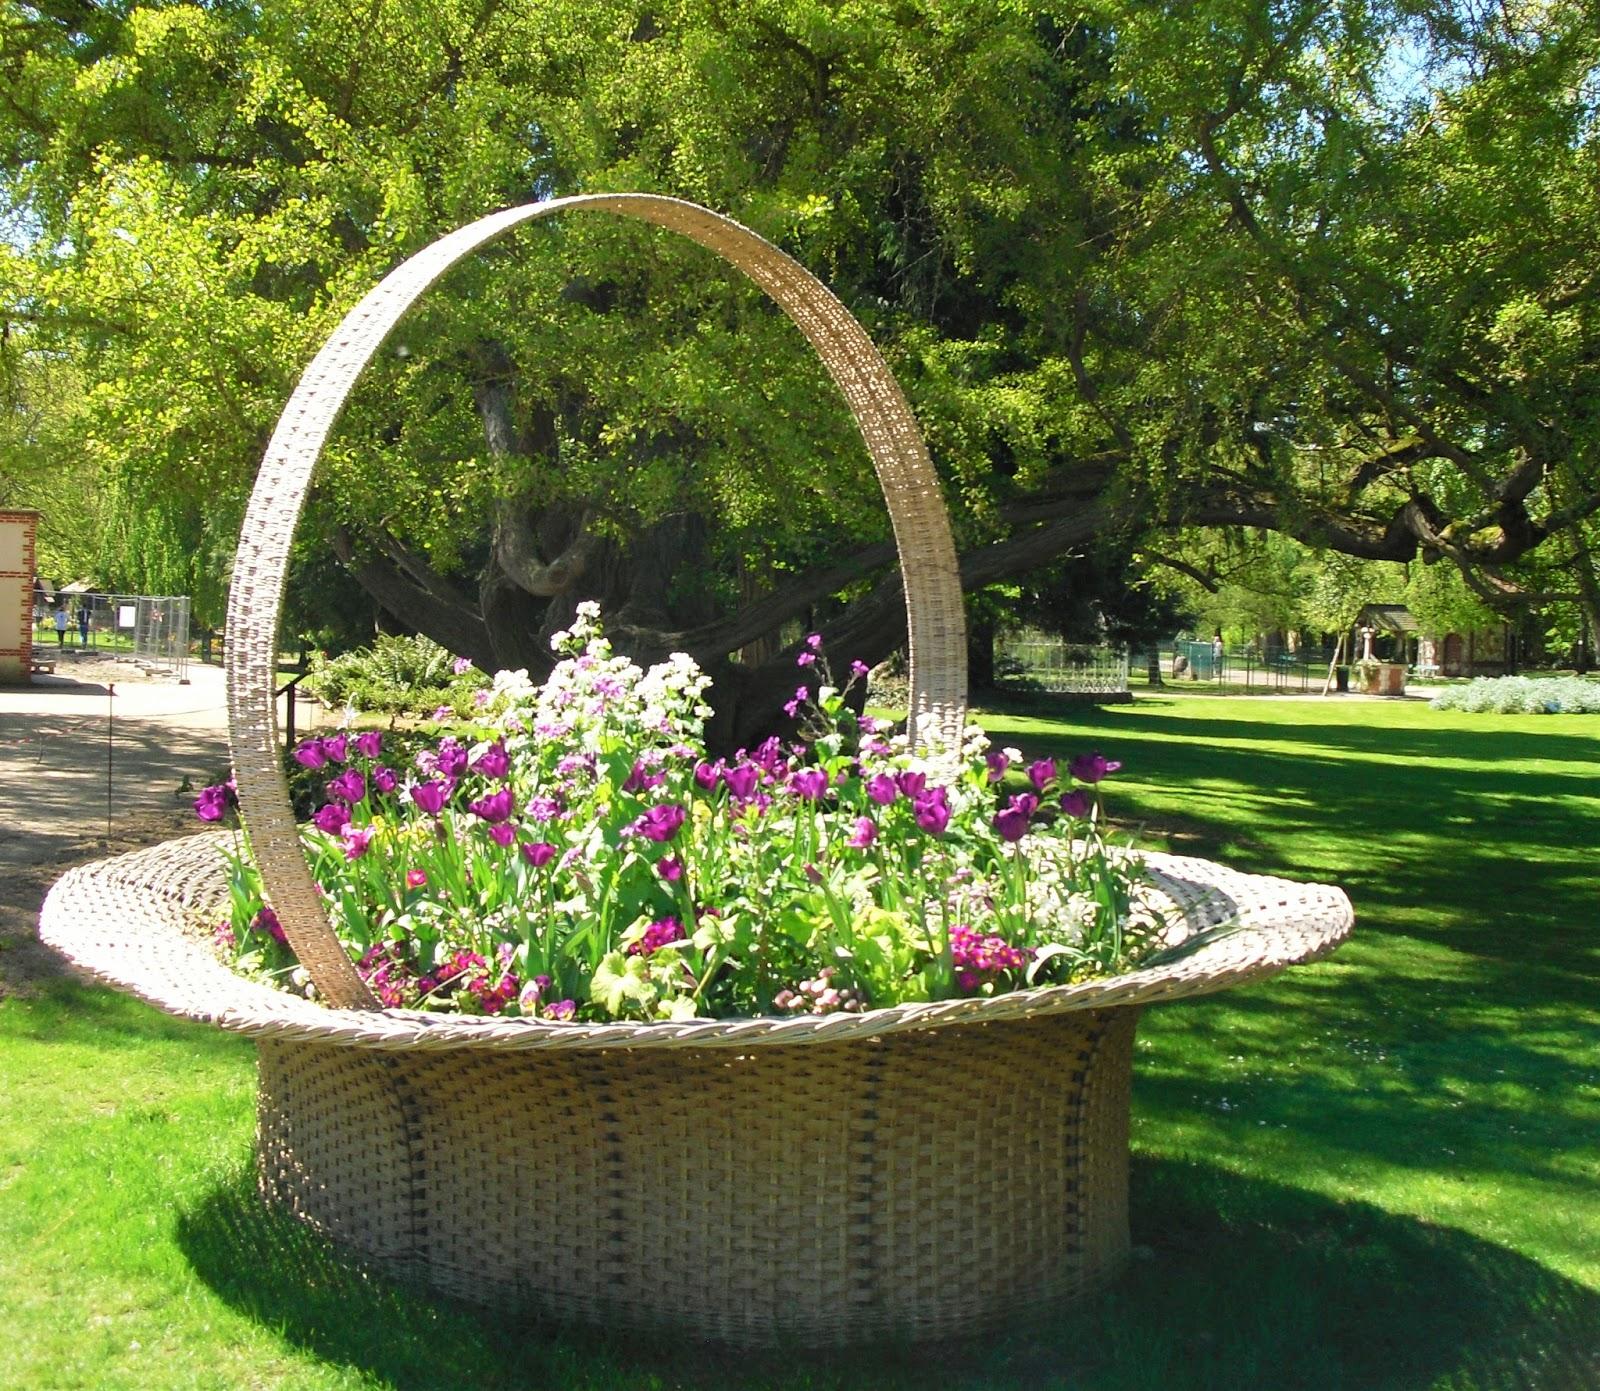 Mon petit jardin en sologne le jardin botanique de tours for Jardin botanique tours